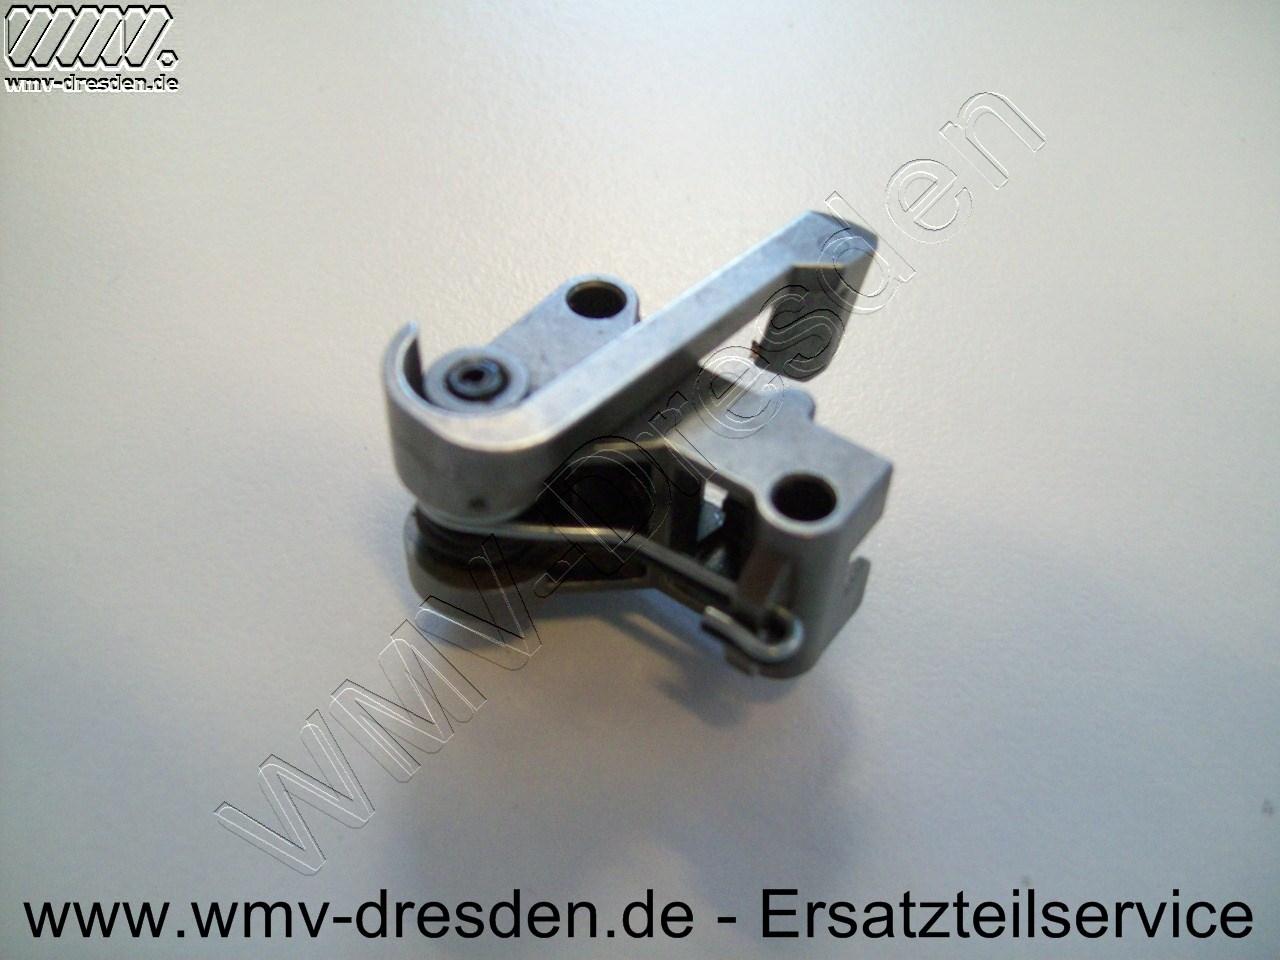 MESSERKLEMME Z. B. FUER DC308K / DC318KL / DCS331 / DCS332 / DC330 / DW331 / DW333